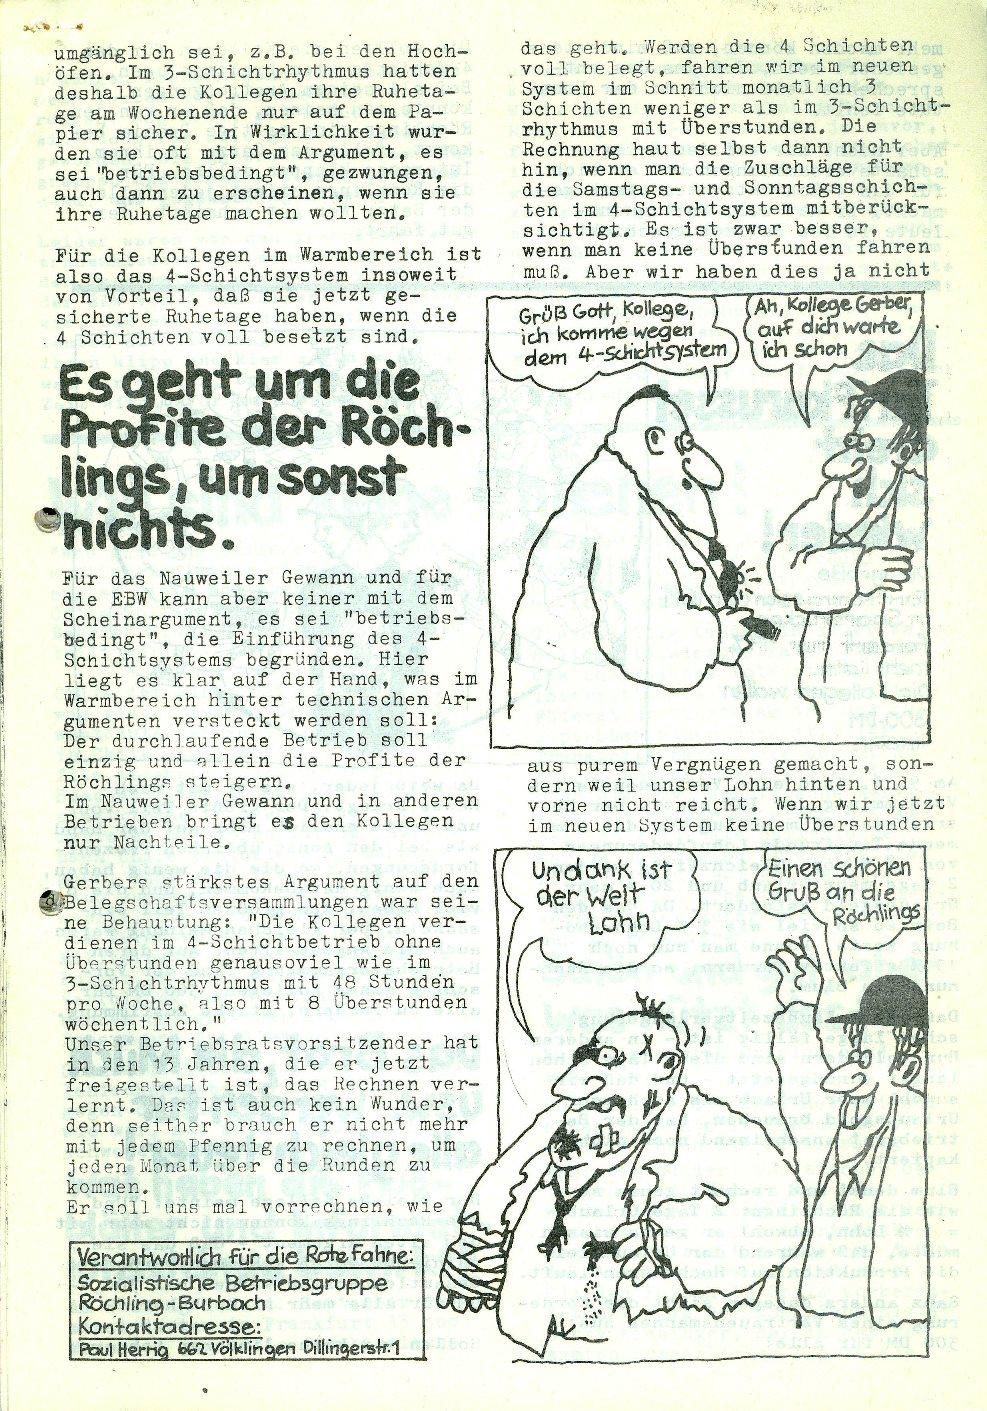 Voelklingen195